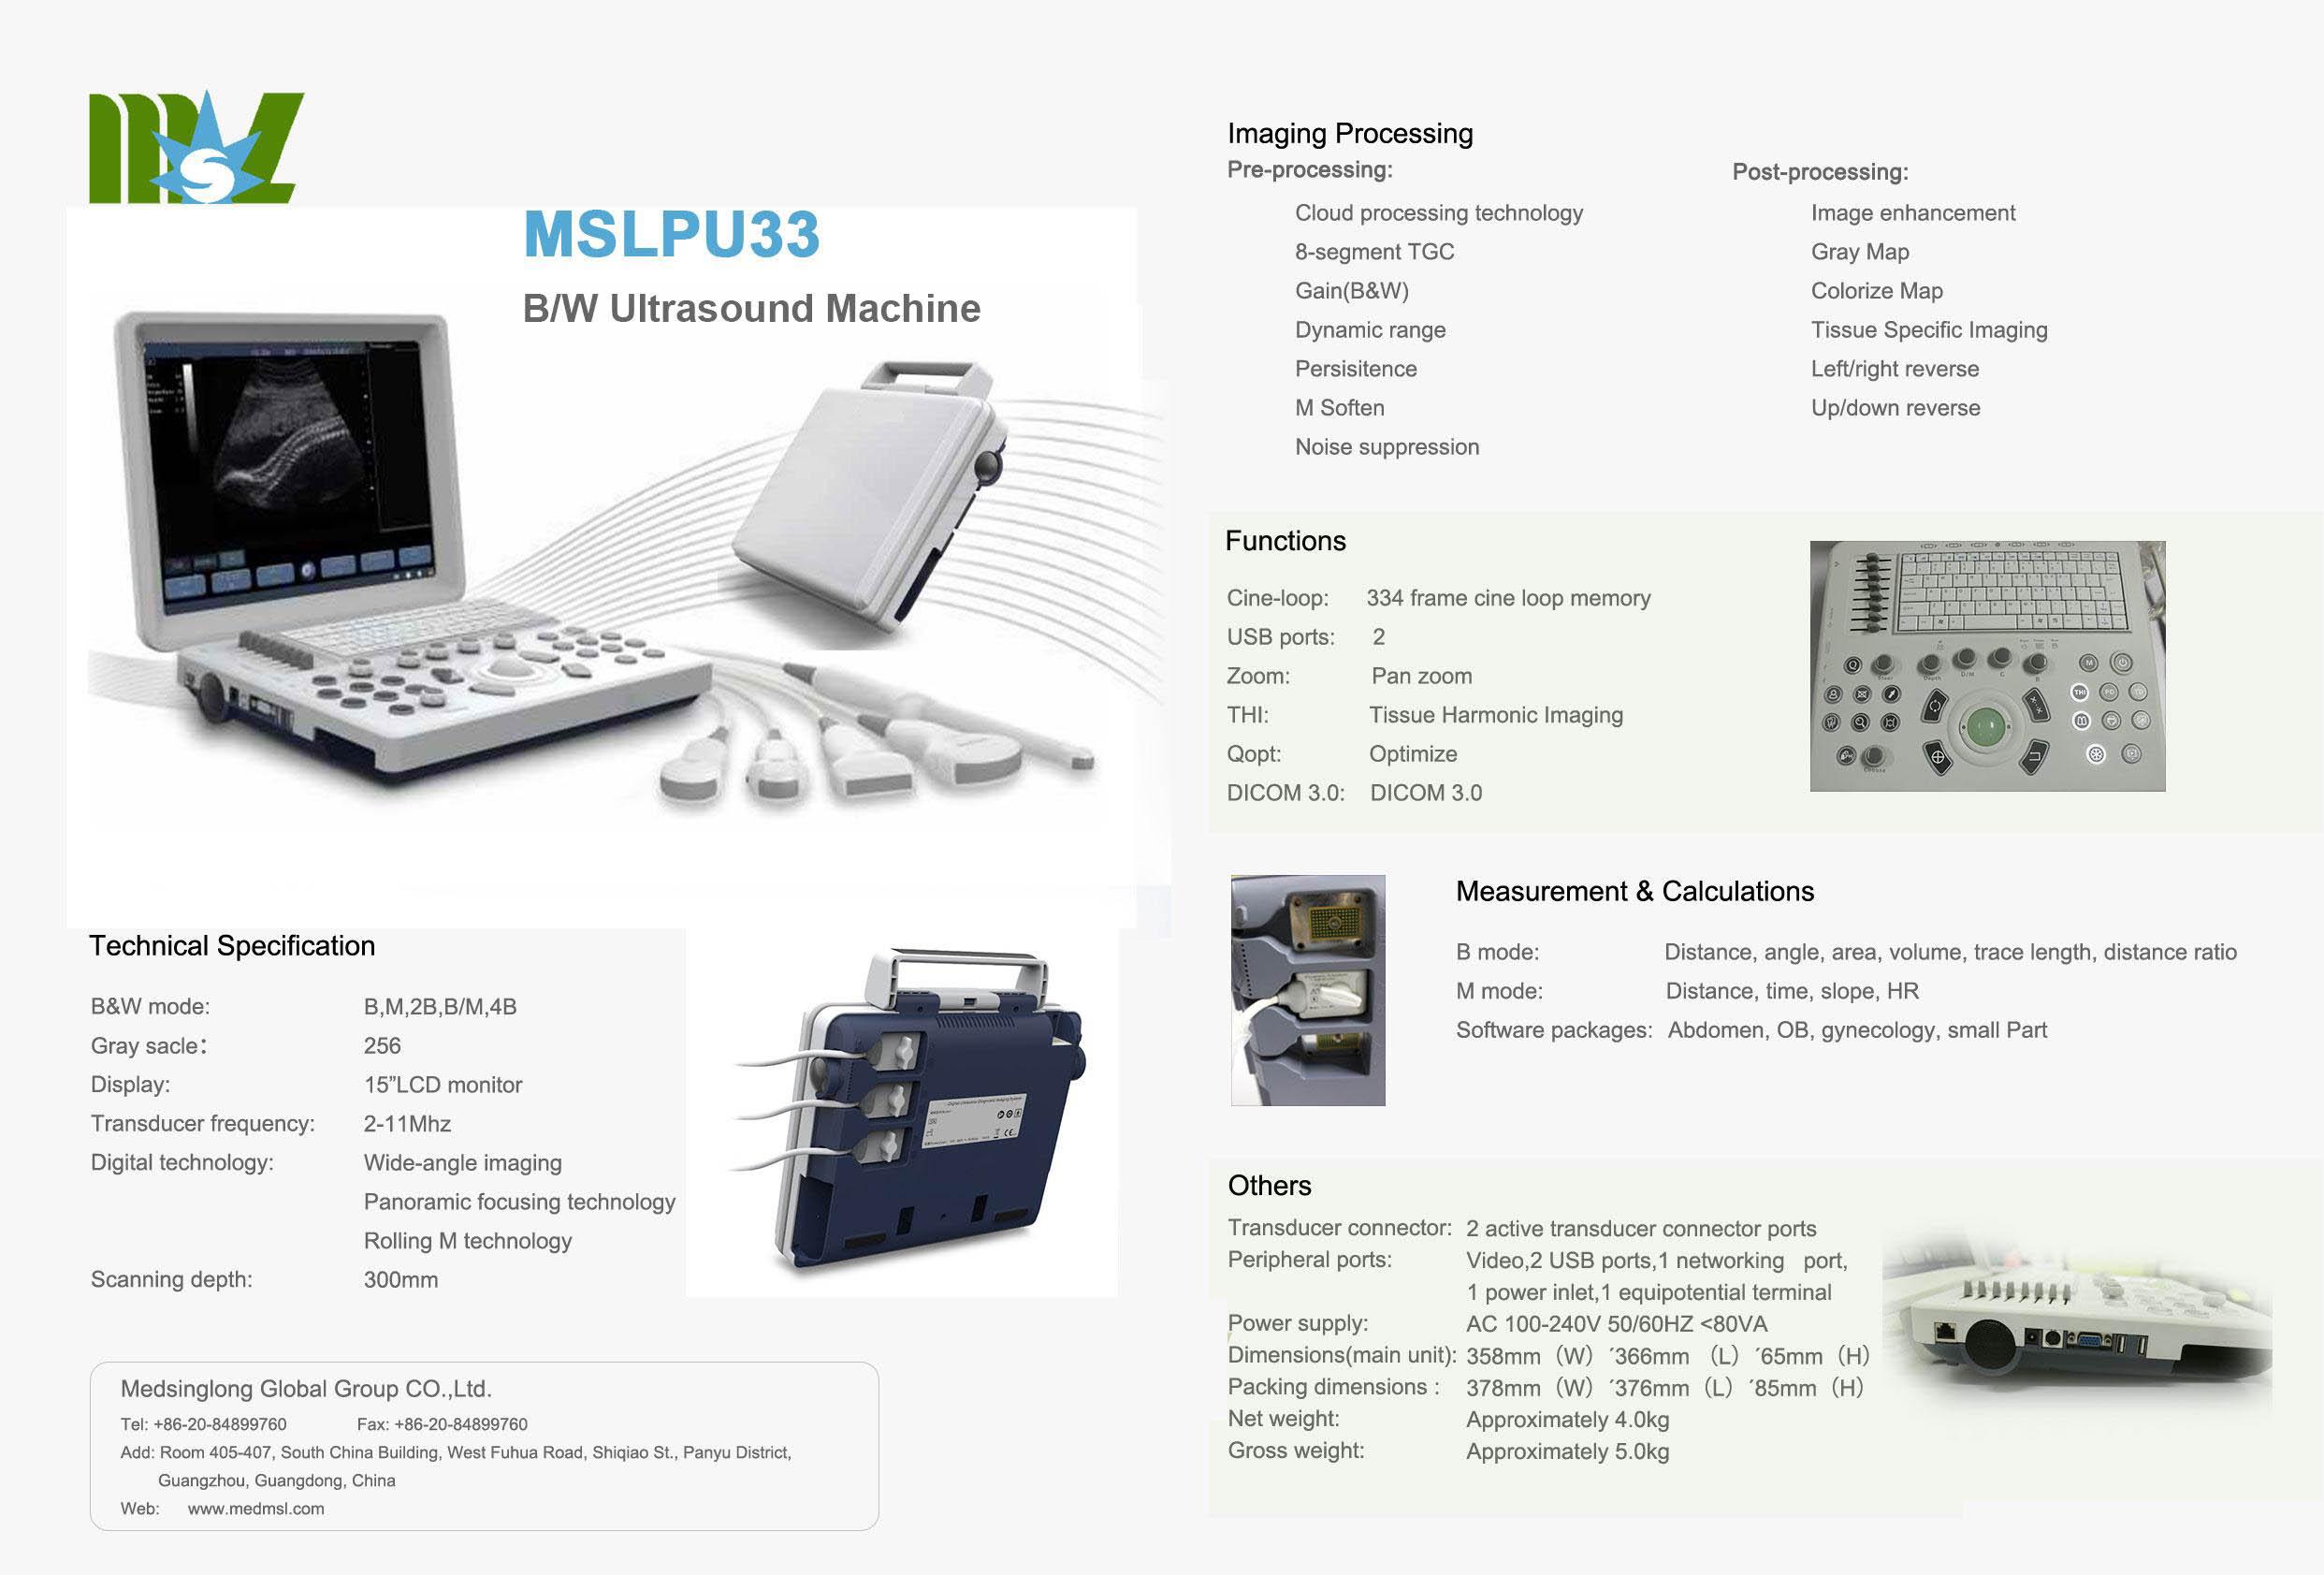 MSL ultrasound machine MSLPU33